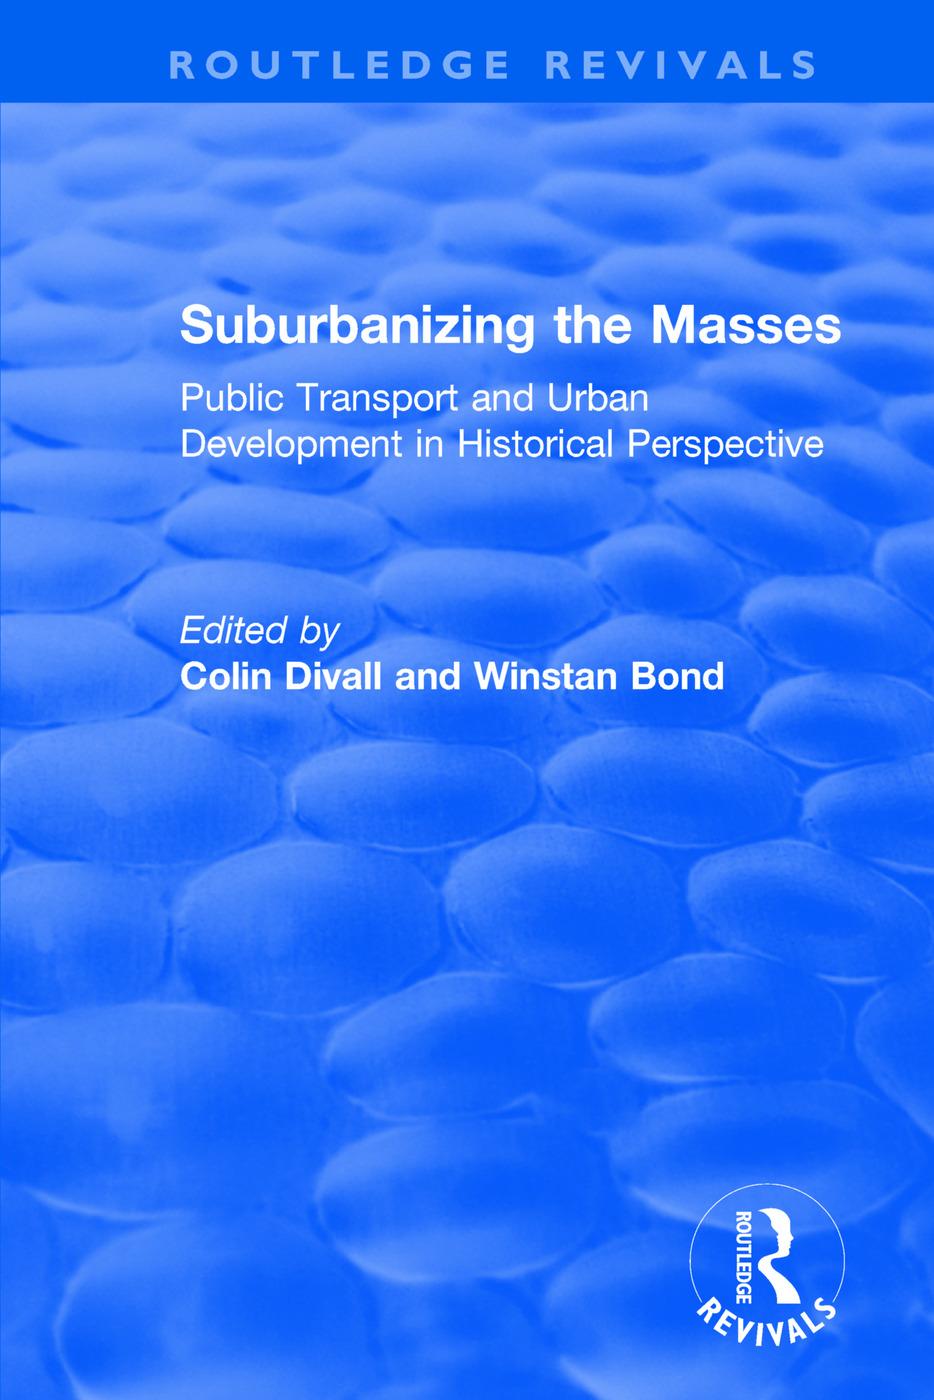 Suburbanizing the Masses